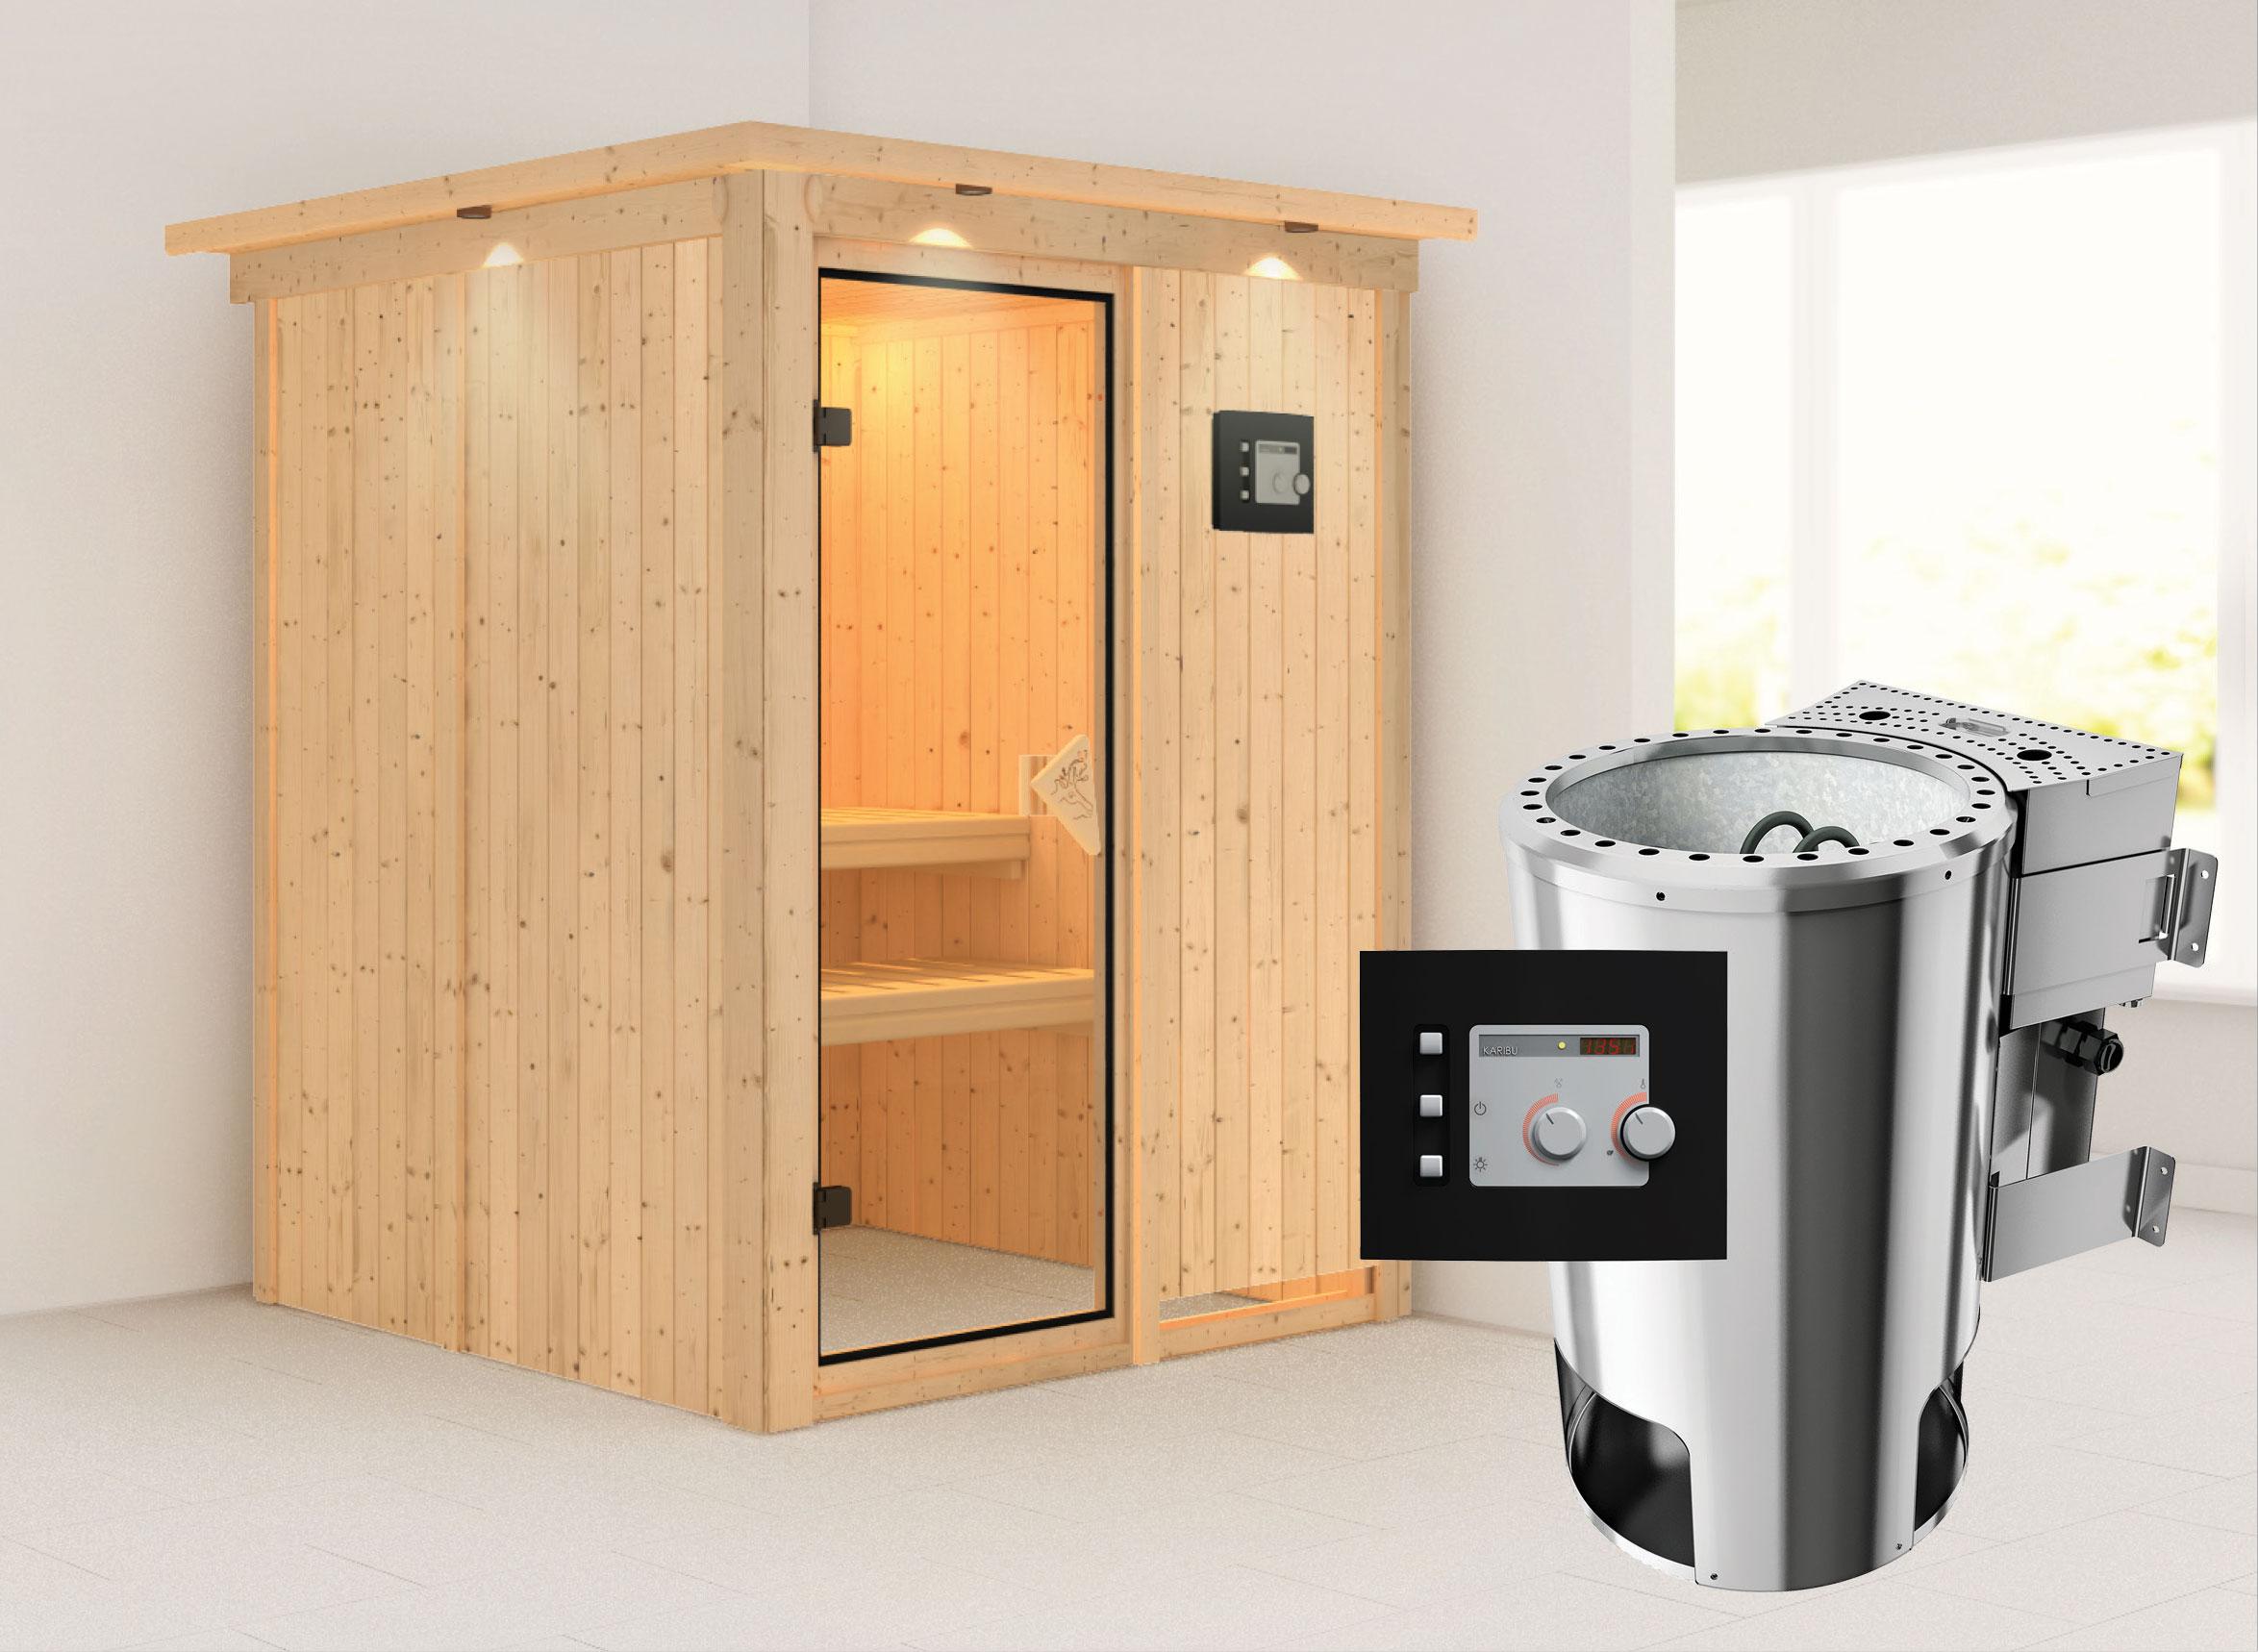 Karibu Sauna Minja 68mm 230V Dachkranz + BioOfen 3,6kW ext classic Tür Bild 1